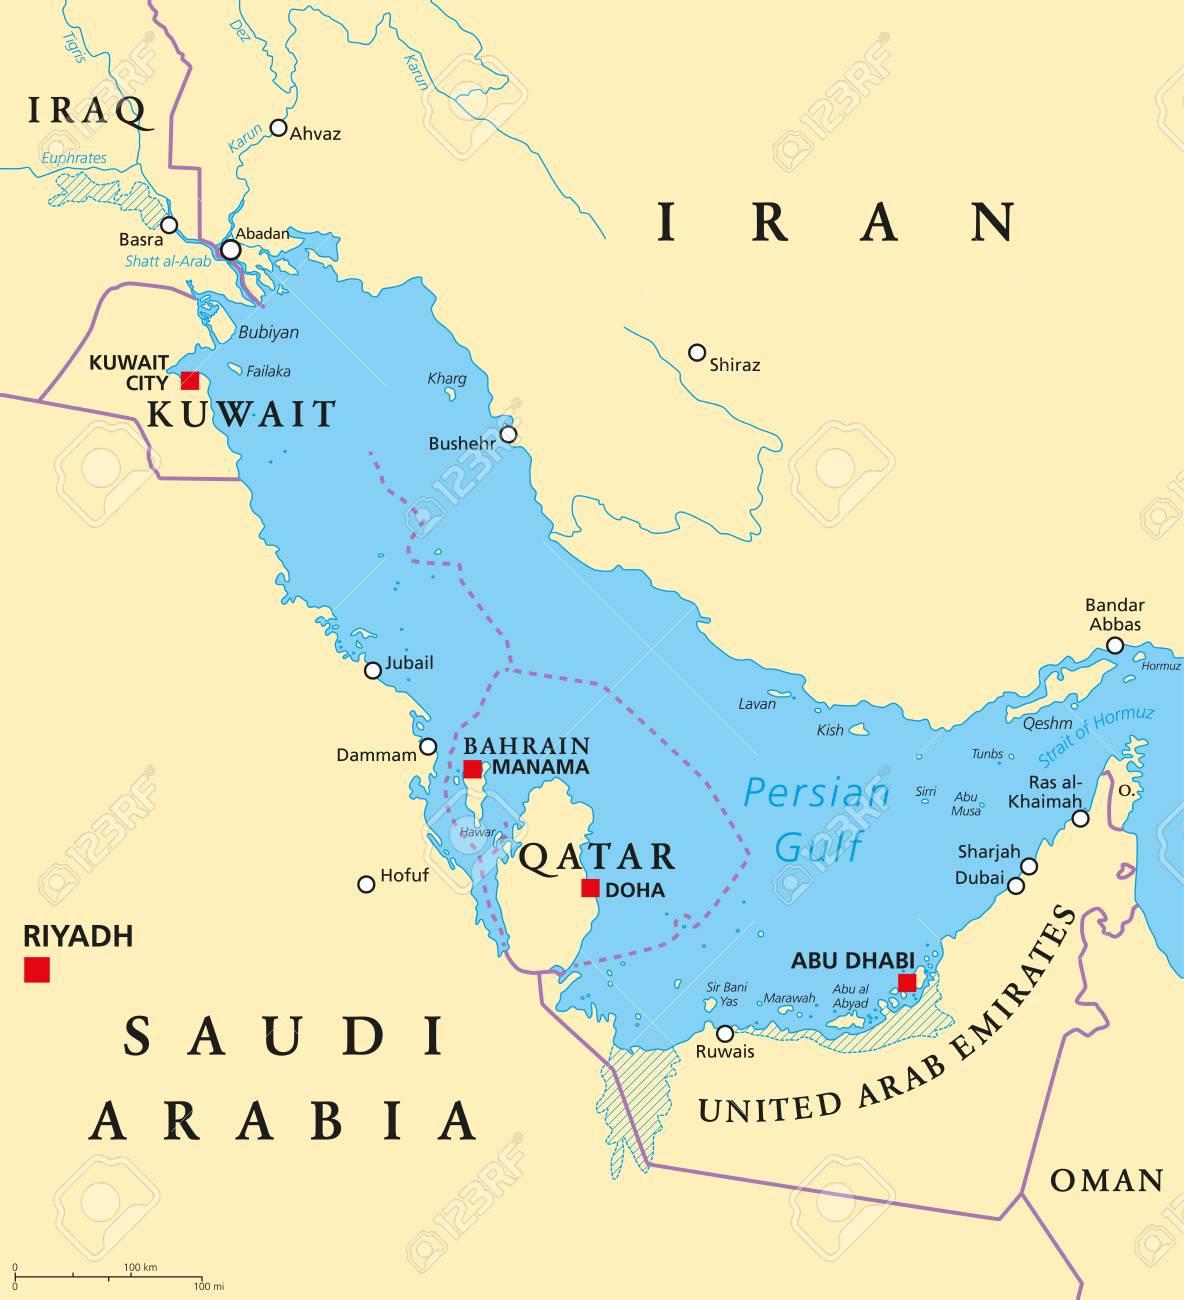 Persische Golf Region Lander Politische Karte Hauptstadte Grenzen Stadte Und Flusse Iran Irak Kuwait Katar Bahrain Vereinigte Arabische Emirate Saudi Arabien Oman Illustration Englische Beschriftung Vektor Lizenzfrei Nutzbare